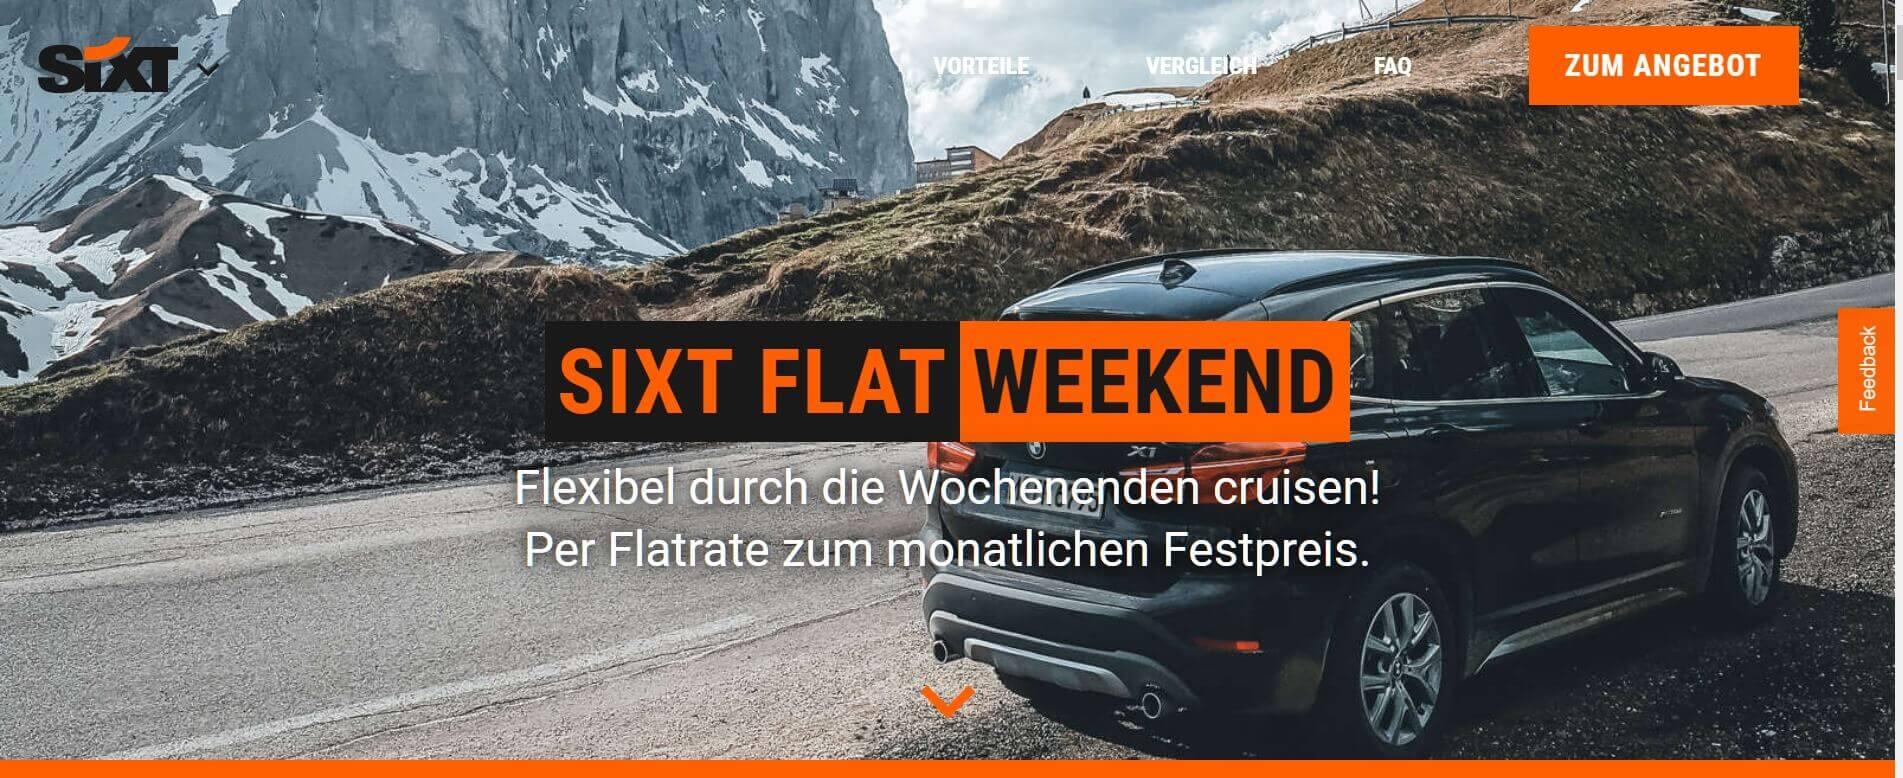 Auto Abo Sixt Weekend